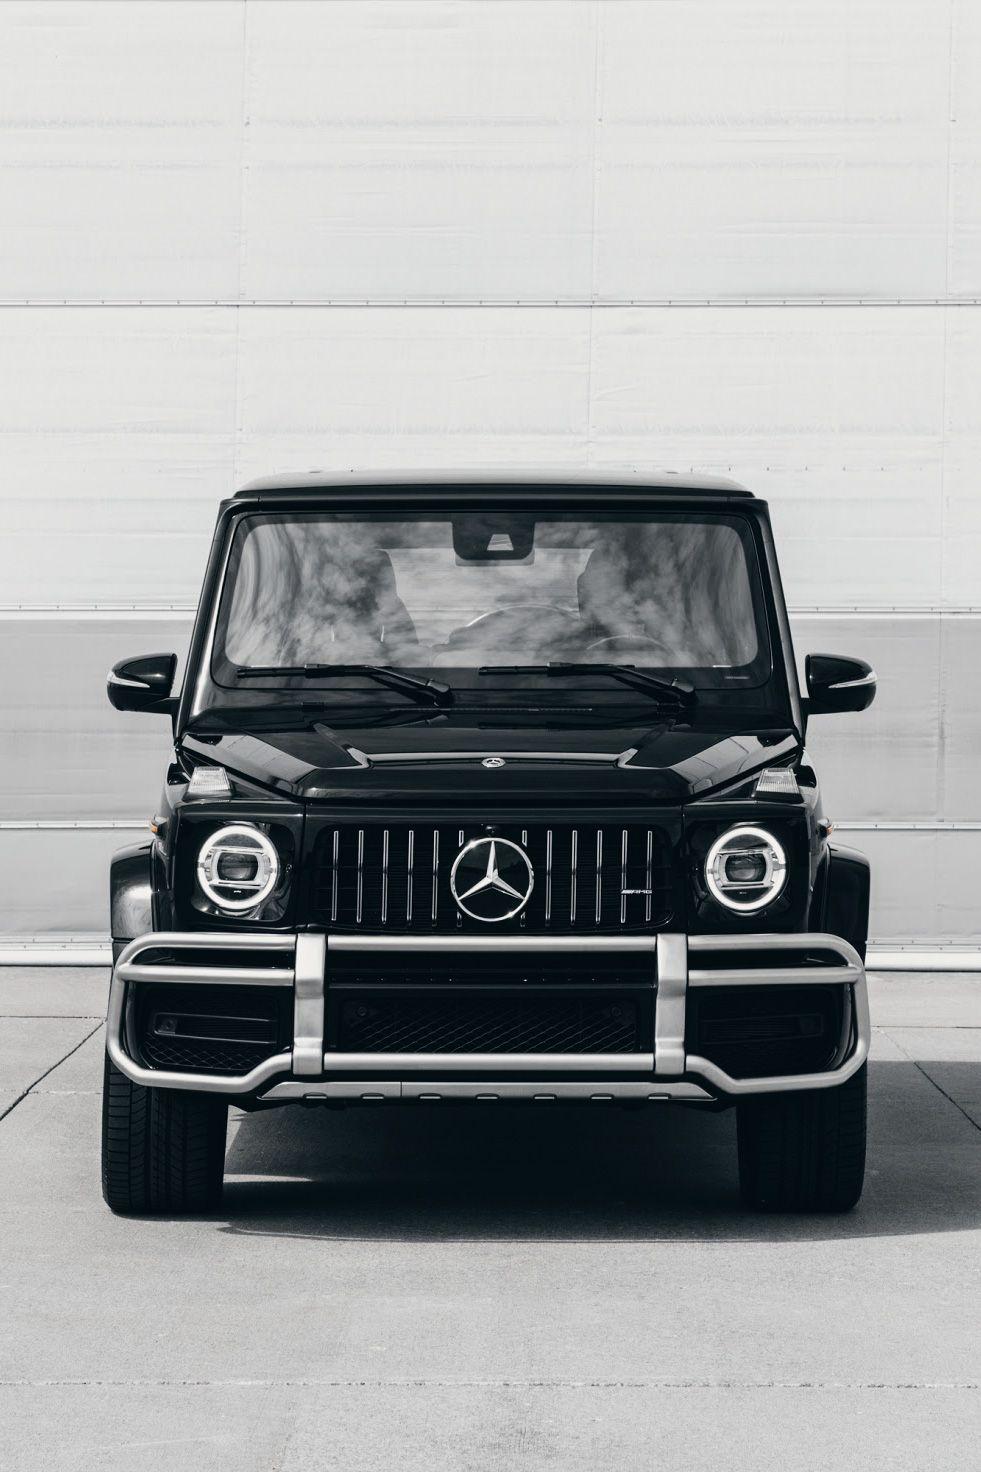 DS Luxury's MercedesBenz AMG G63 Black in 2020